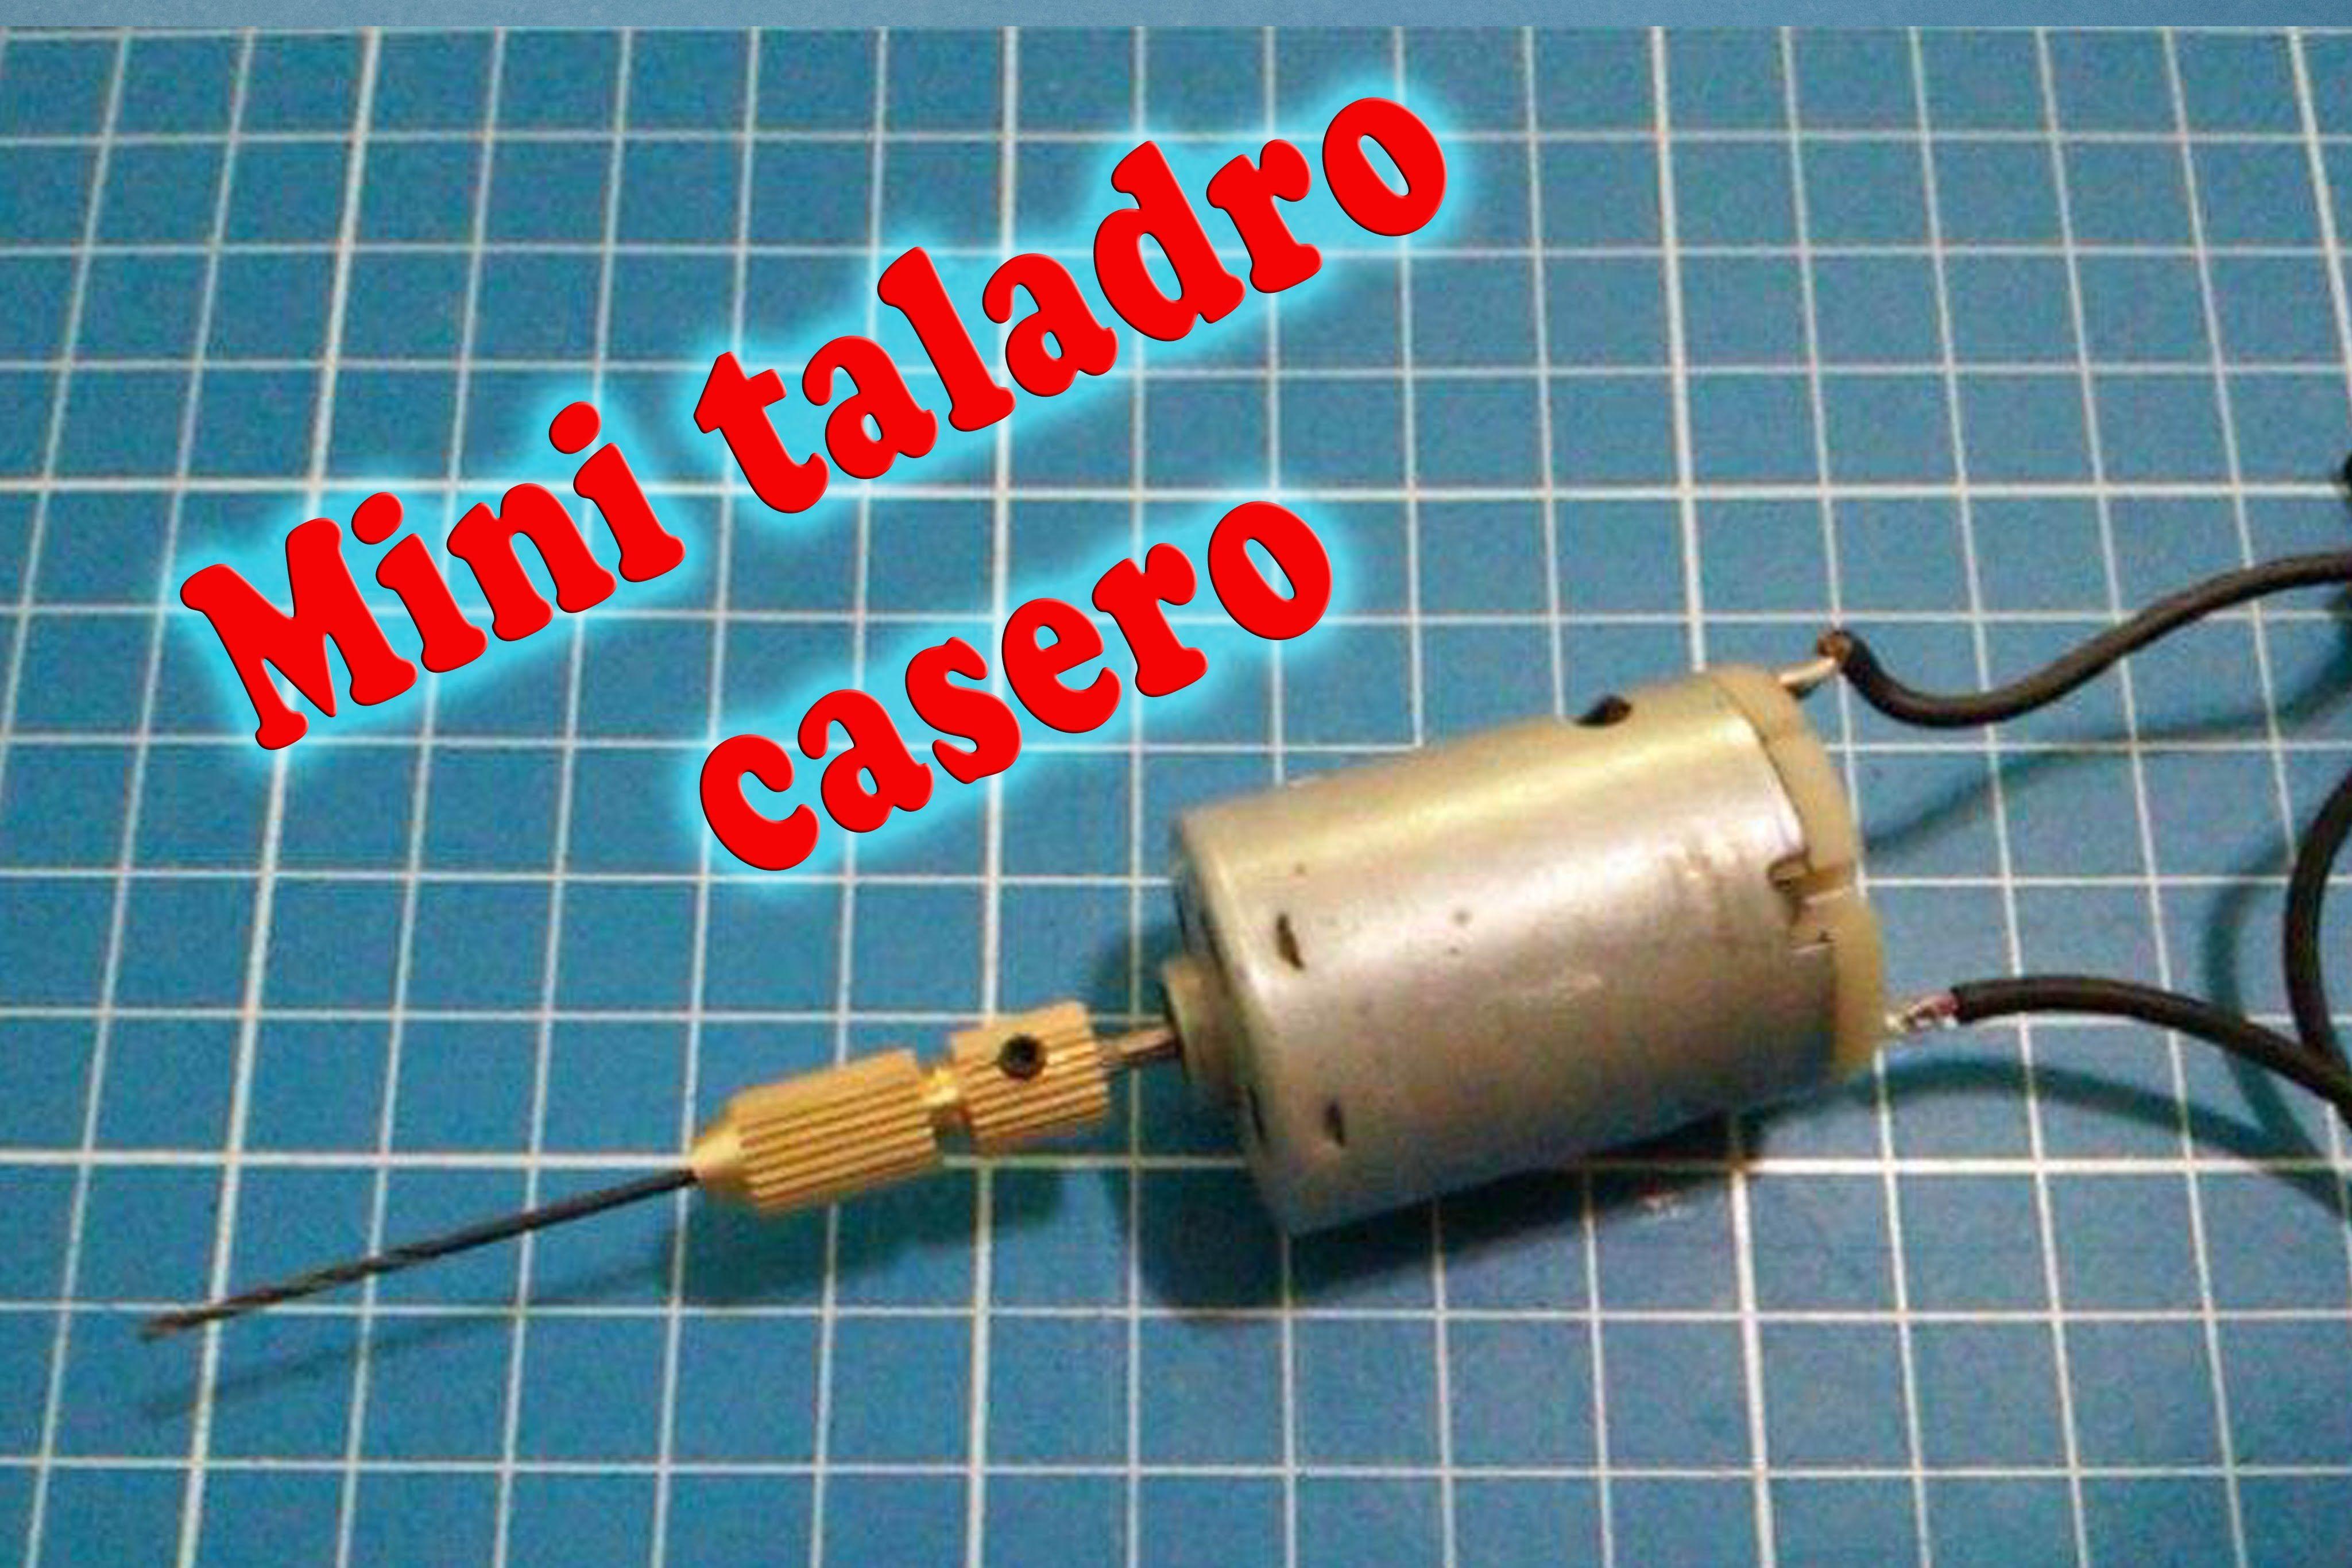 Mini taladro casero como se hace Español